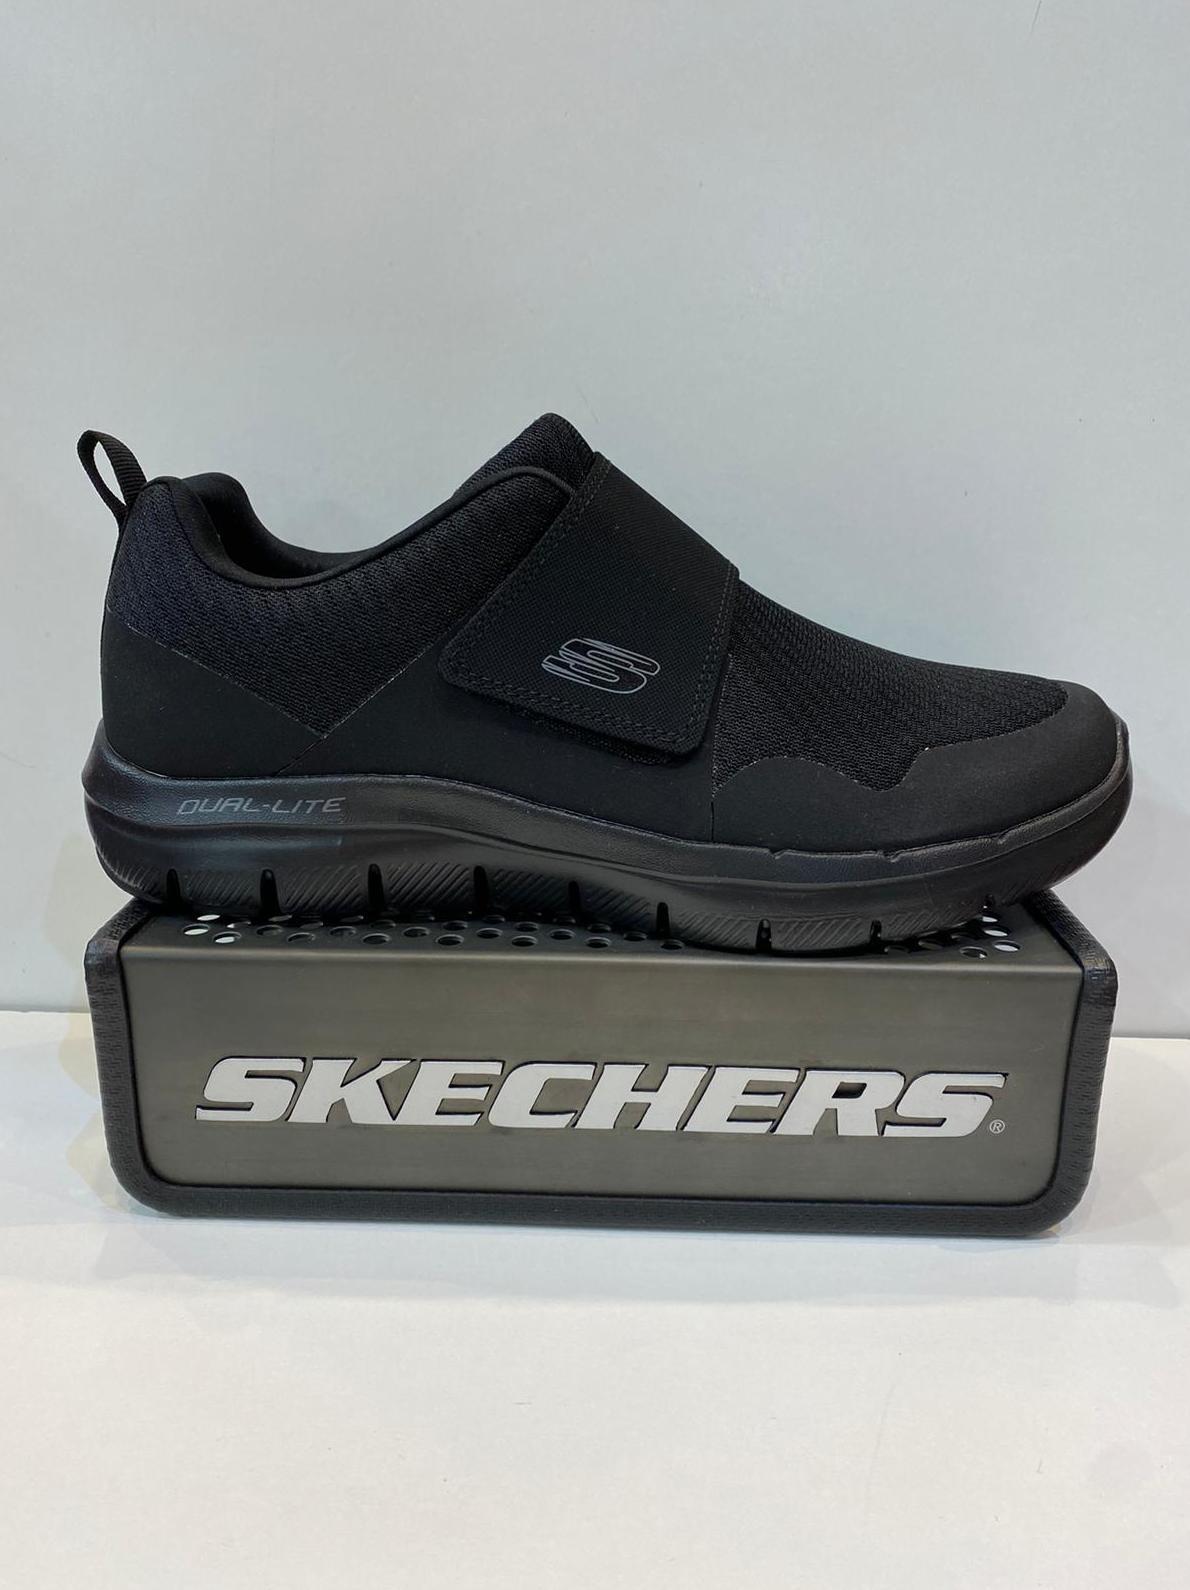 Sabata esportiva d'home, de la marca Skechers, cordades amb velcro, plantilla Memory Foam Air-Colled, sola de resalite 69.95€